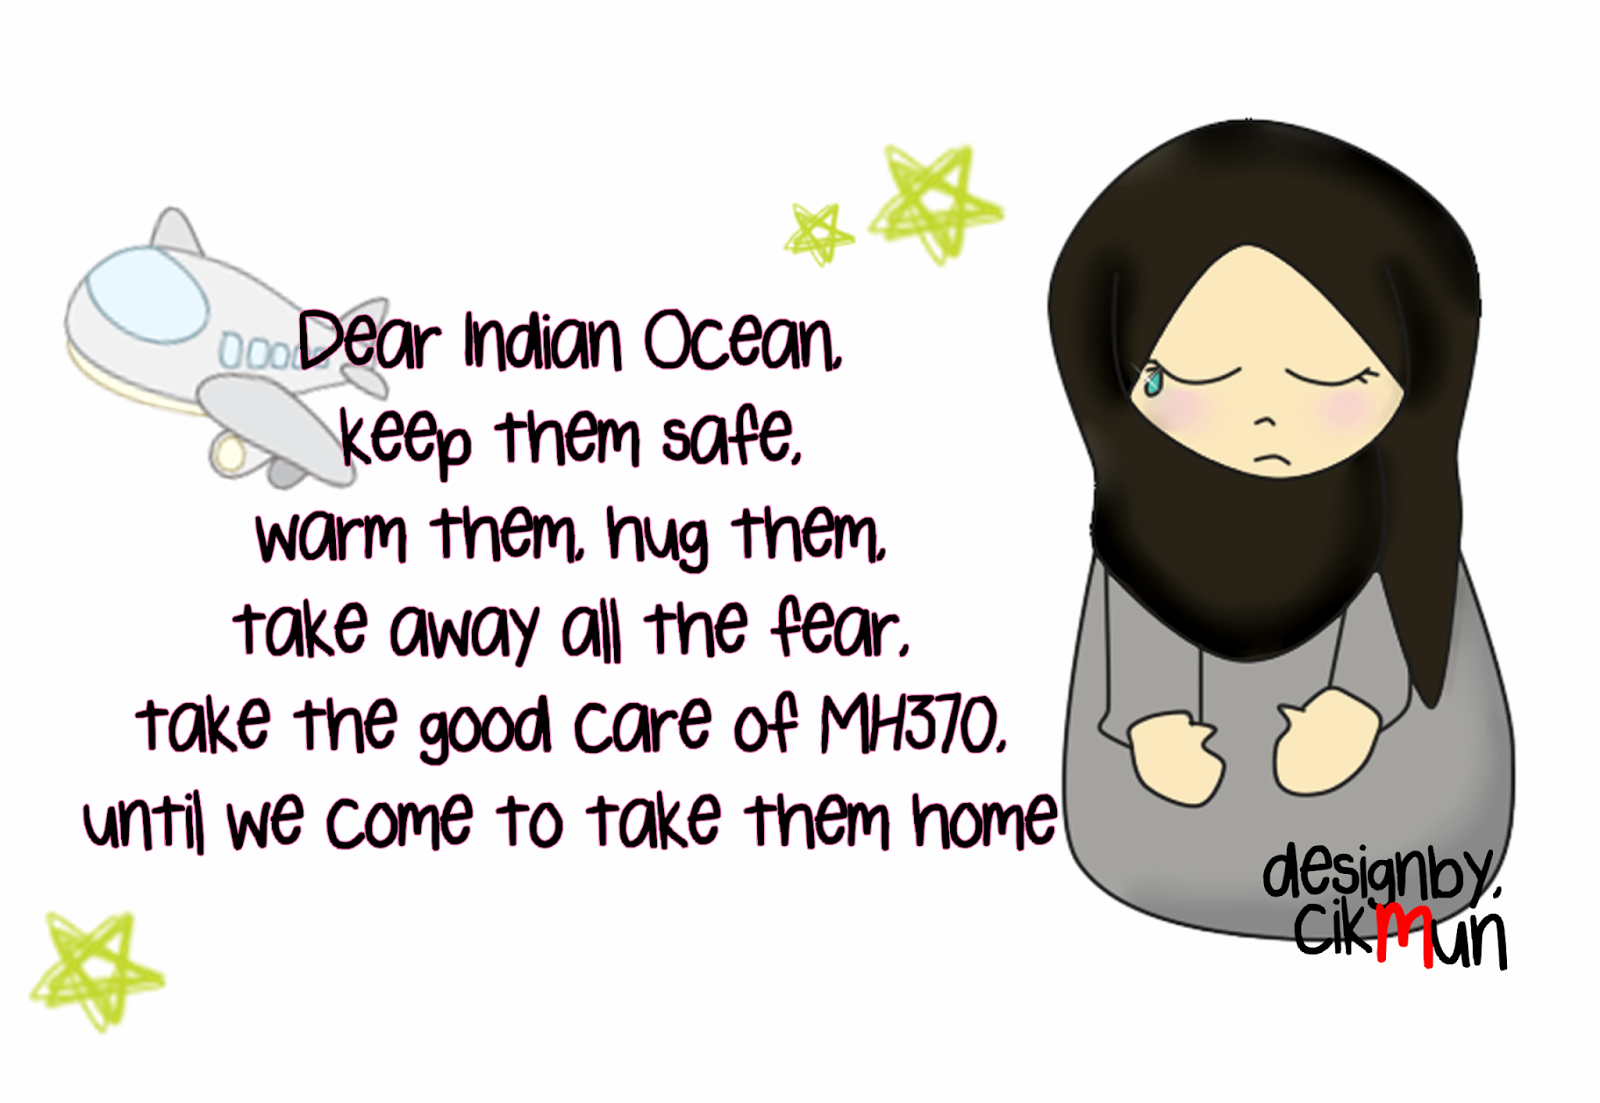 #MH370, malaysia, #pray4mh370, #ripmh370, indian ocean, doodles, cikmun,